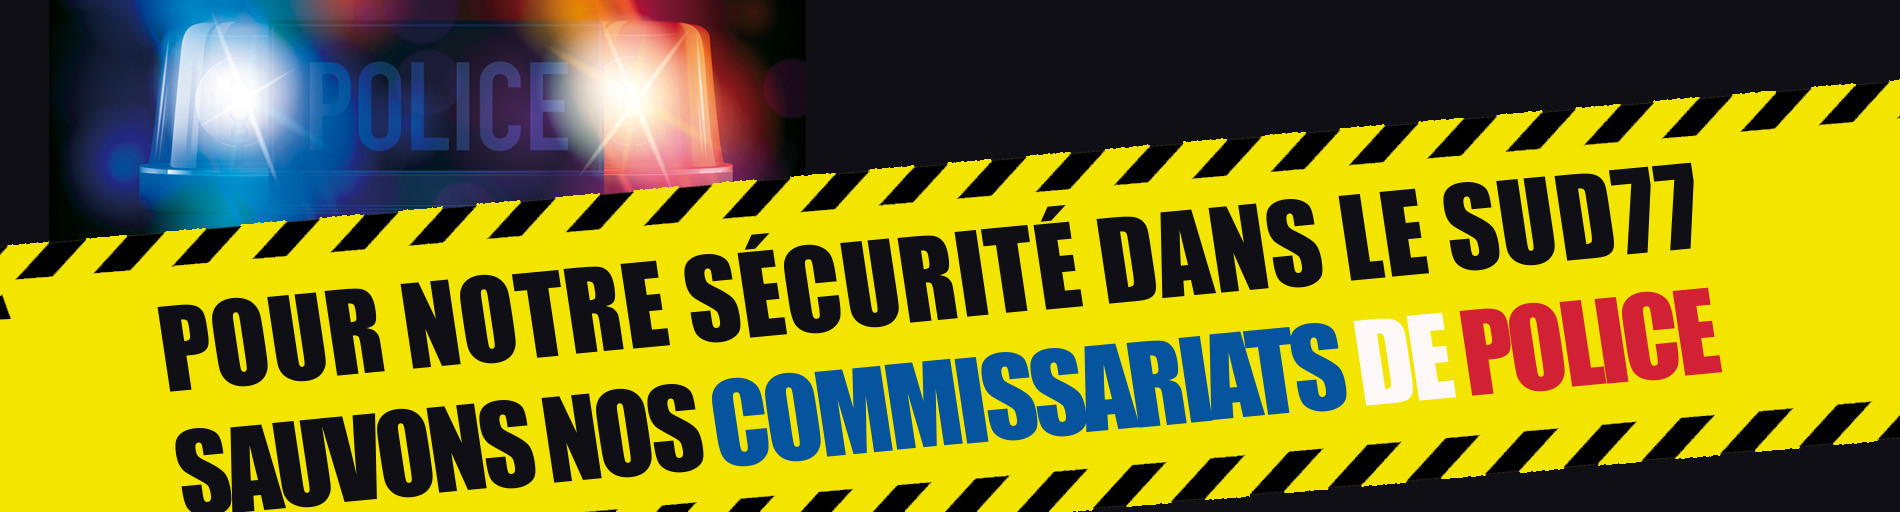 Pour notre sécurité dans le SUD77 Sauvons nos commissariats de police